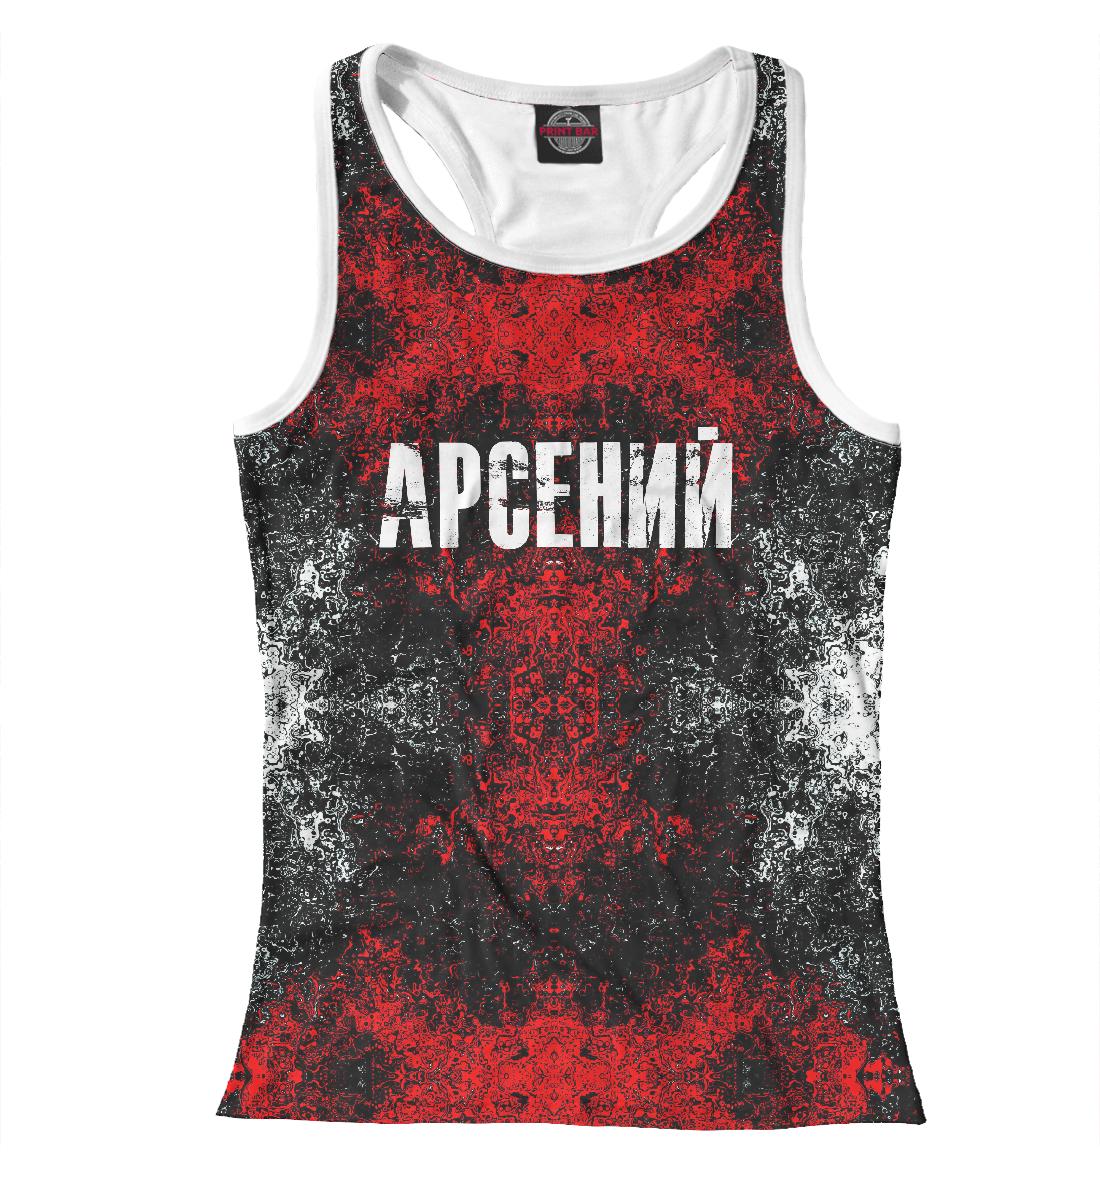 Купить Арсений, Printbar, Майки борцовки, ASN-512661-mayb-1